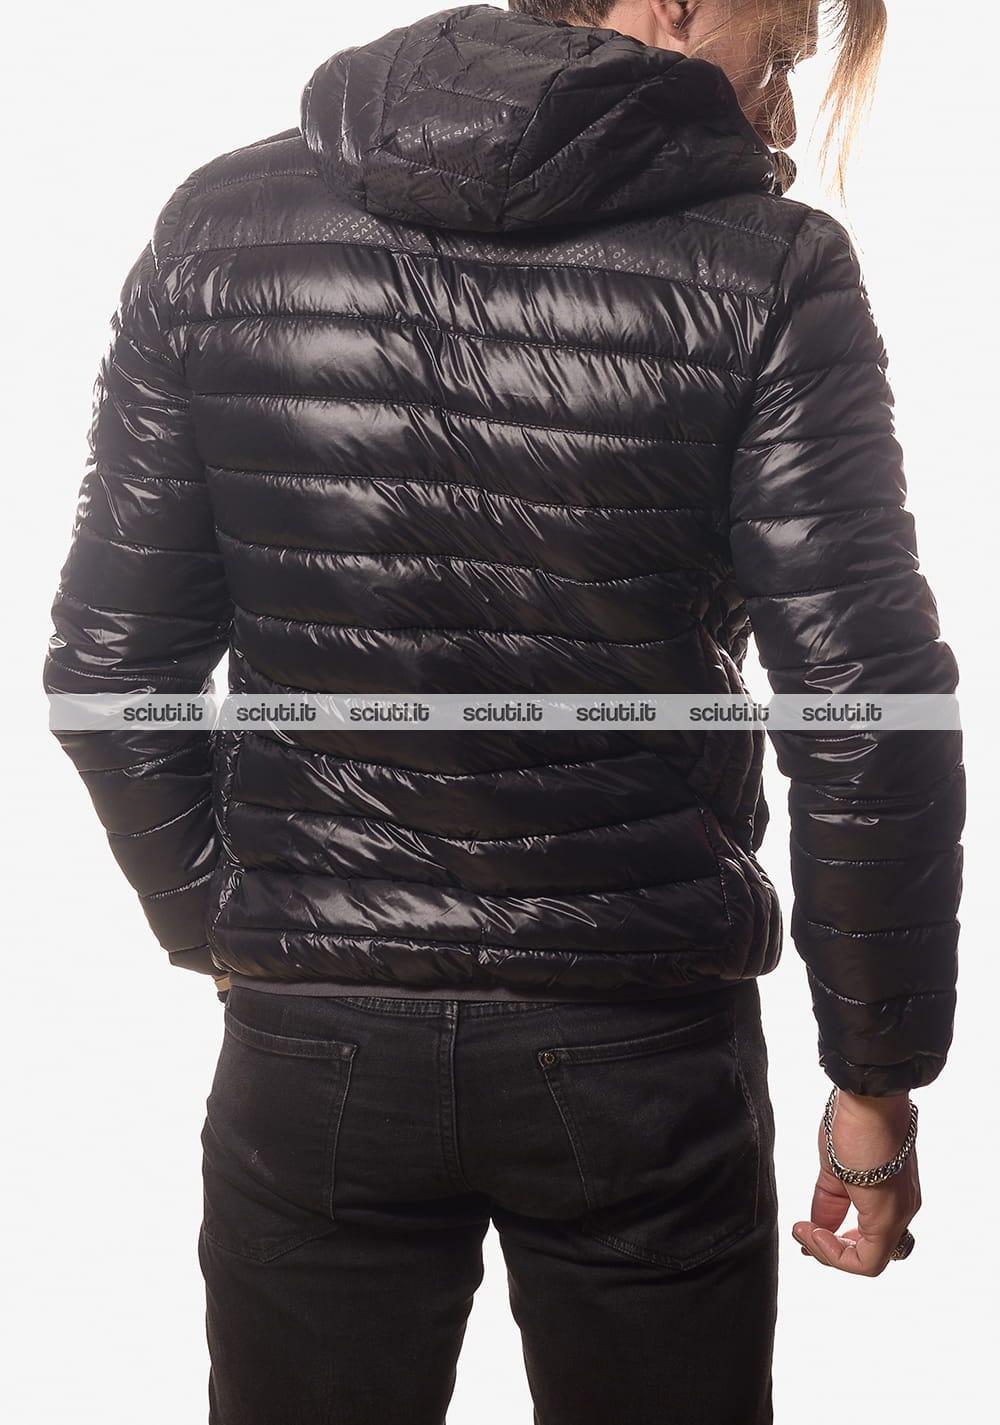 Piumino North Sails uomo con cappuccio nero  fefa456d08c